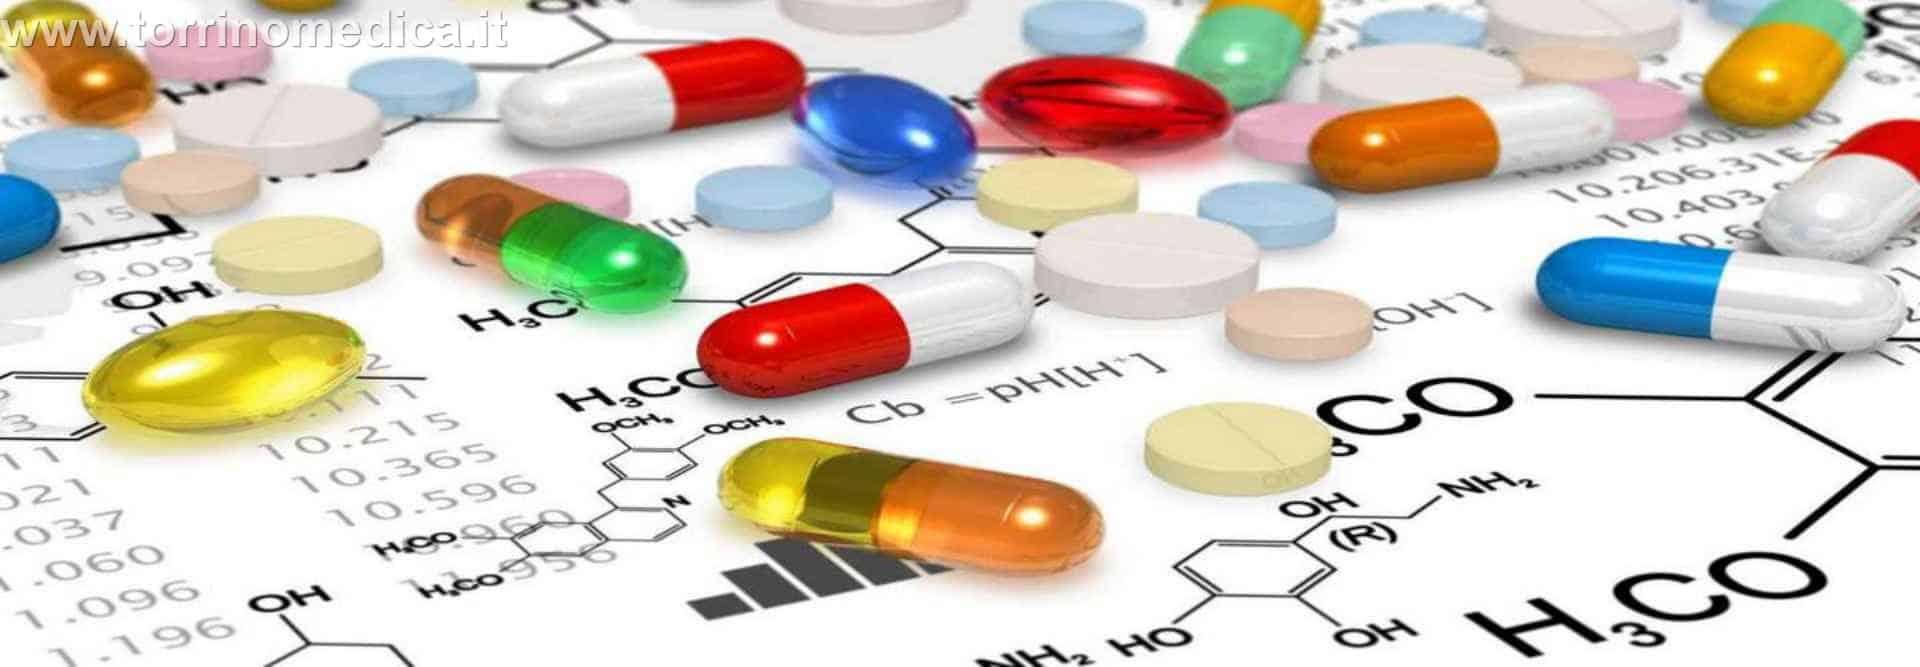 Indice delle sostanze farmaceutiche